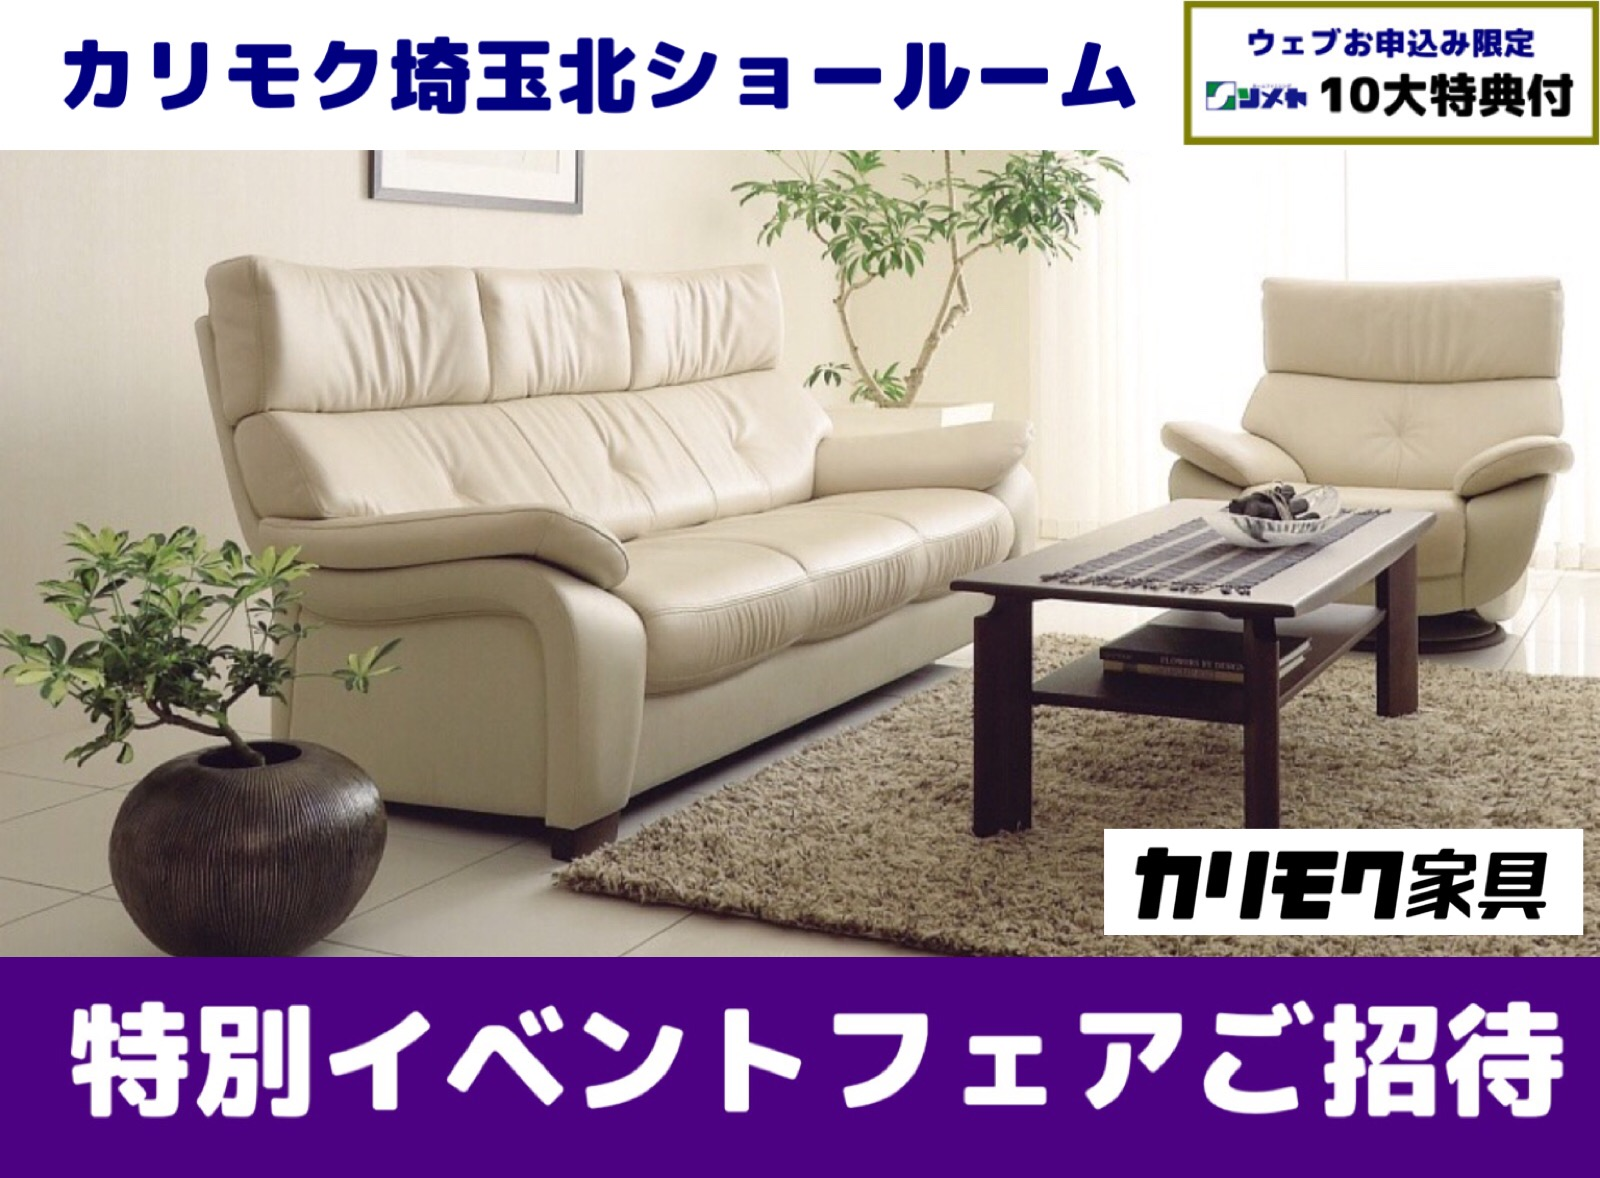 カリモク家具埼玉北イベントご案内